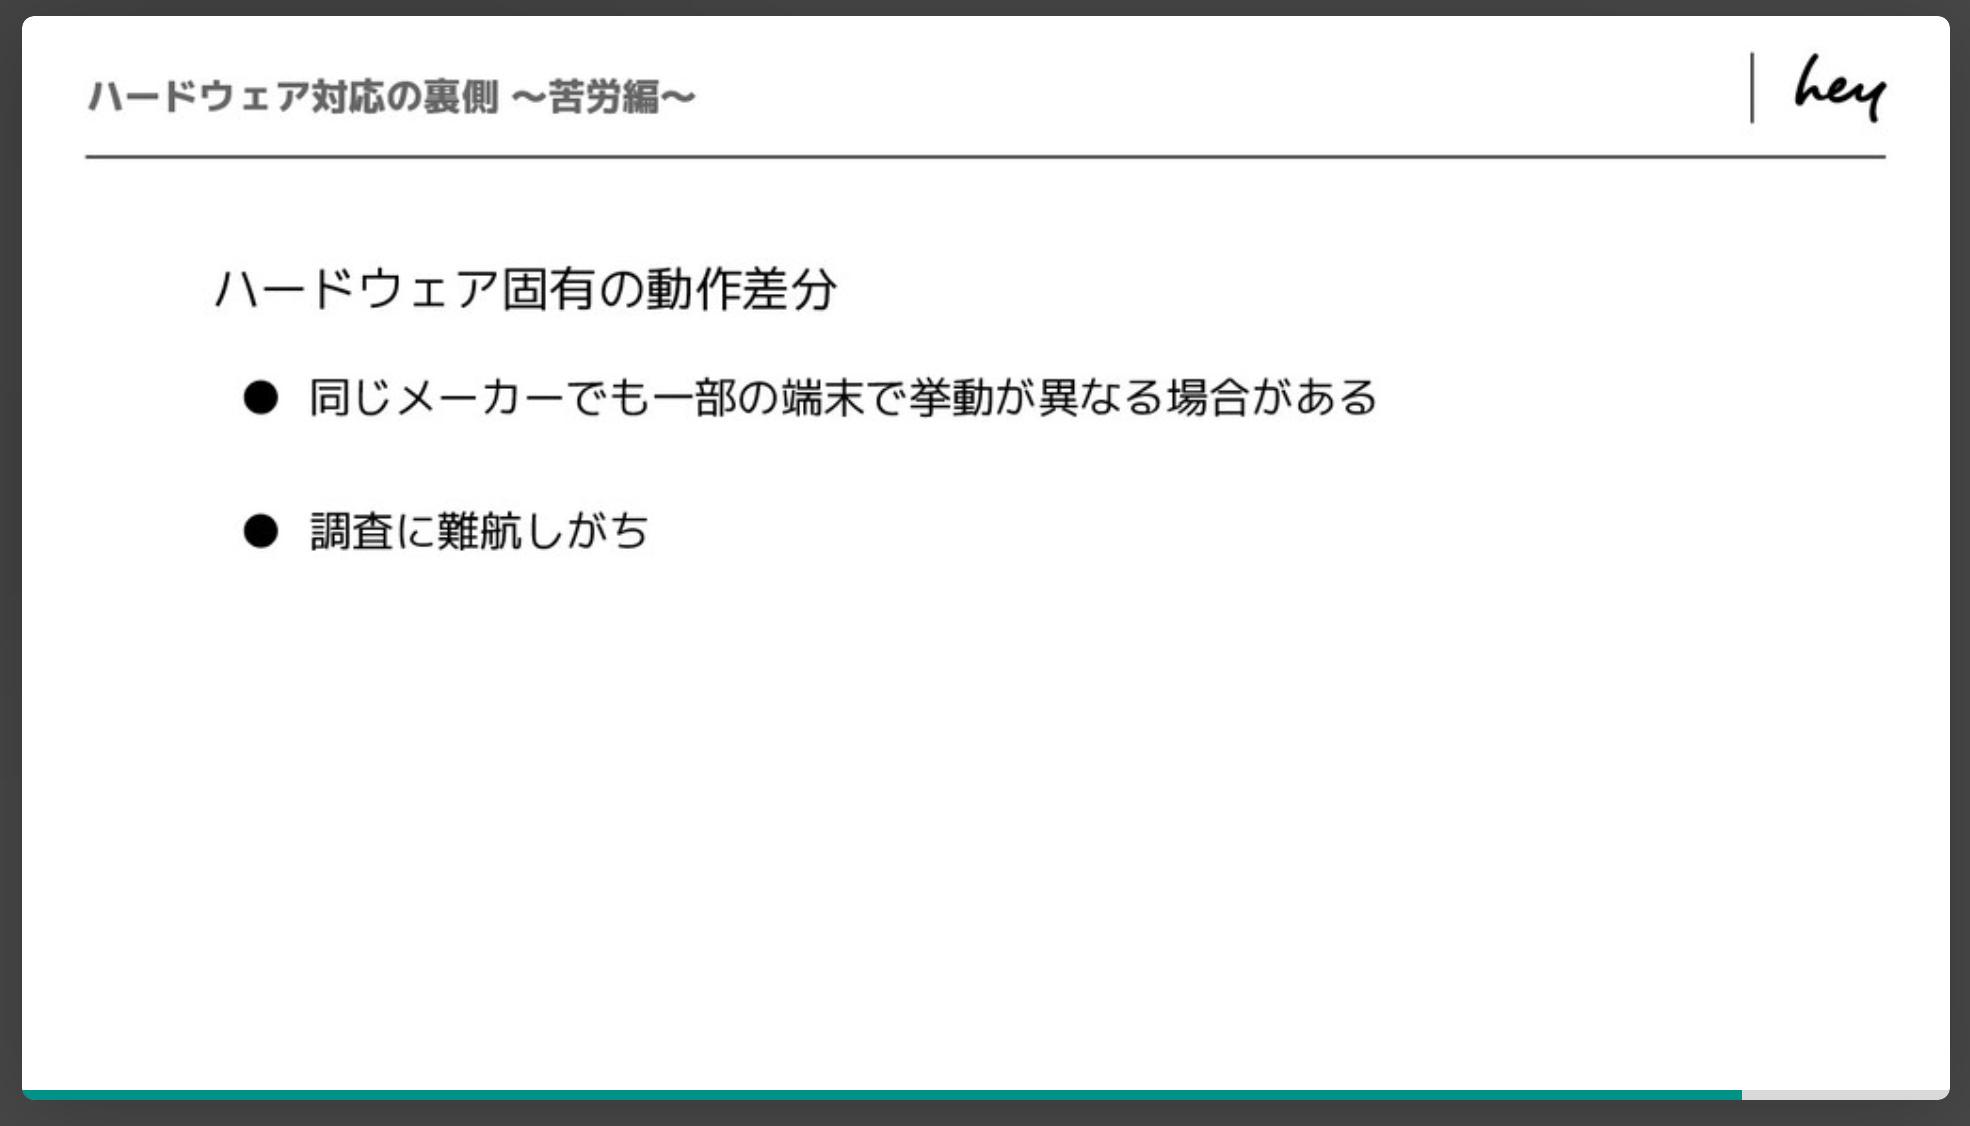 スクリーンショット 2021-09-19 10.13.20.png